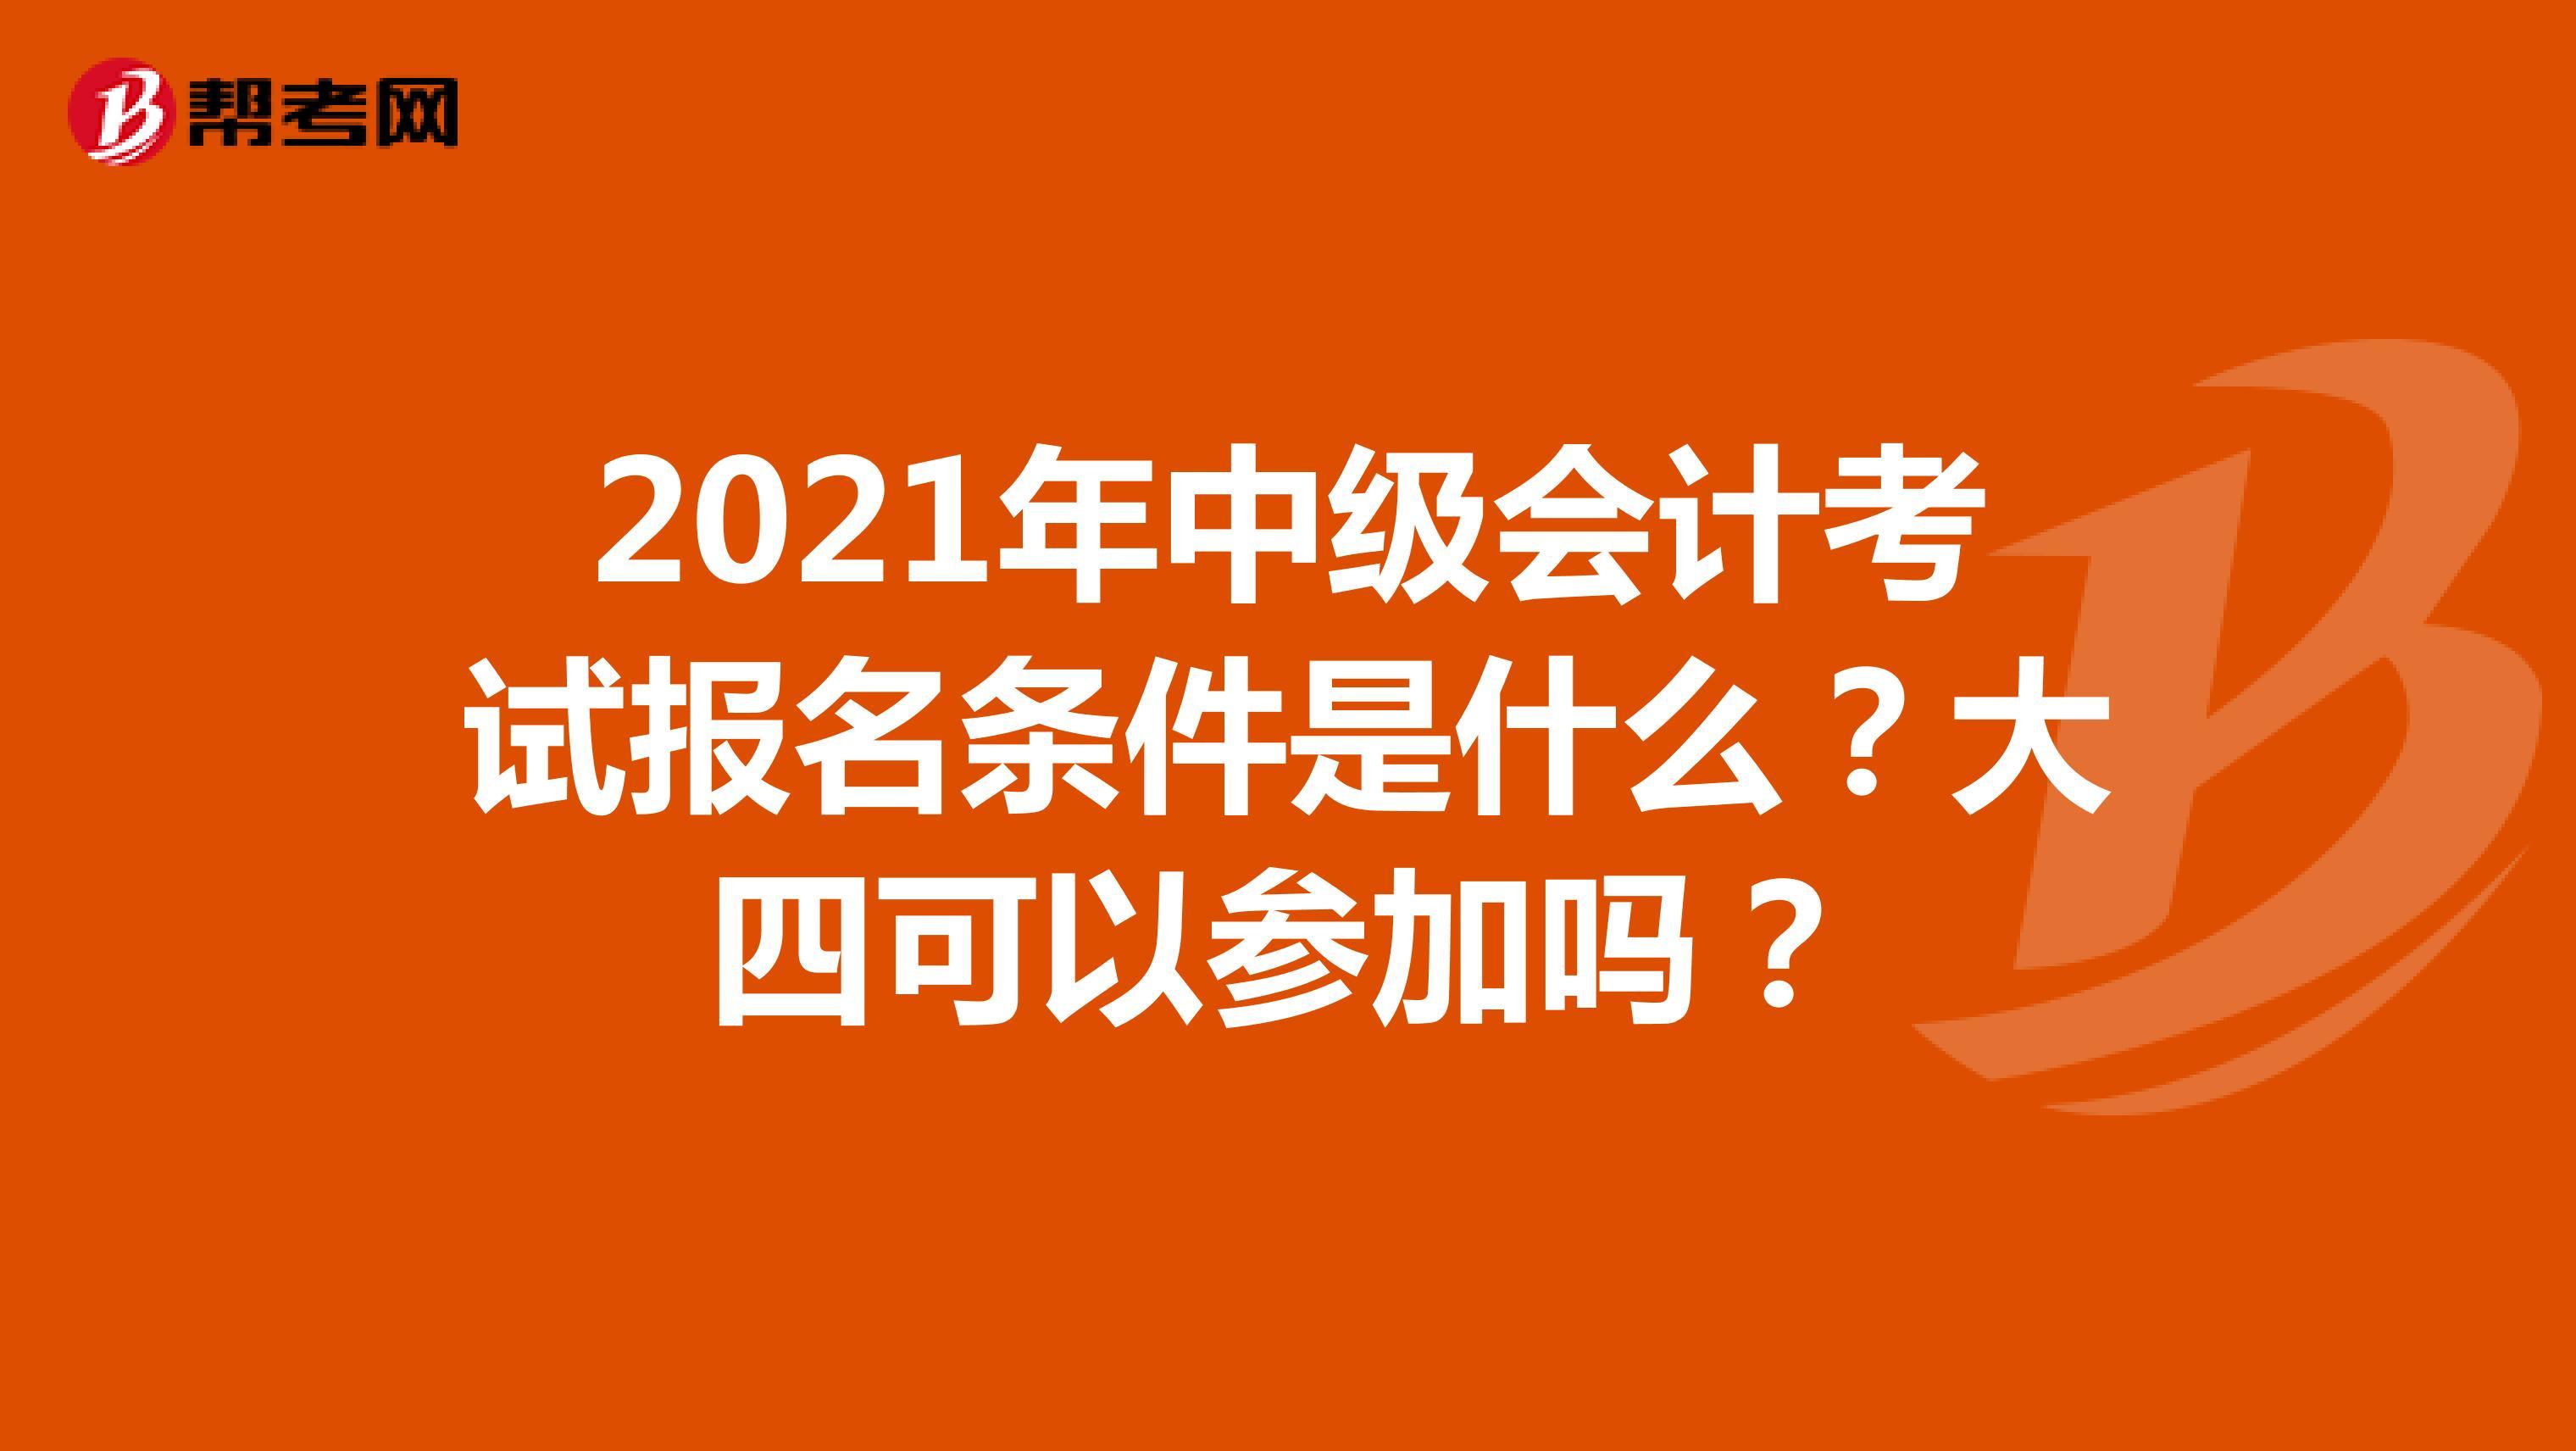 2021年中級會計考試報名條件是什么?大四可以參加嗎?